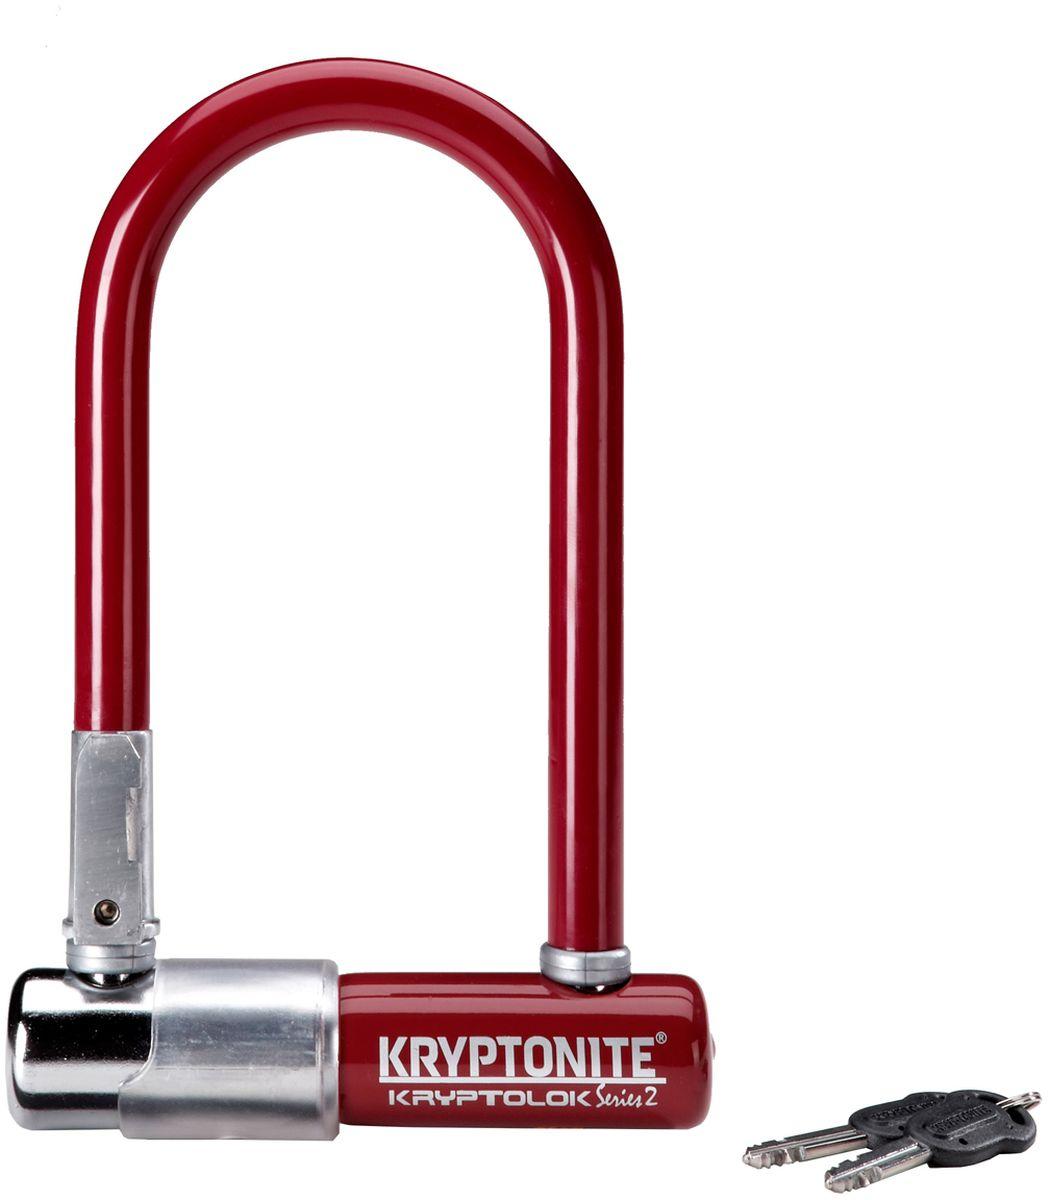 Замок велосипедный Kryptonite U-locks KryptoLok Series 2 Mini-7, U-образный, цвет: бордовыйMW-1462-01-SR серебристыйВелозамок Kryptonite Kryptolok series 2 Mini-7 имеет компактный размер, надёжность и яркую цветовую гамму.Уникальный набор ключей, 13-ти миллиметровая дужка и двойная конструкция засова гарантированно не поддадутся кусачкам и взлому. Благодаря своим габаритам, u-lock легко возить с собой в сумке или за ремнем.Характеристика:- 13 мм закаленная стальная скоба;- Система Transit Flex Frame-U для крепления к раме байка;- Виниловое покрытие, не оставляющее царапин на раме;- Защита от стука и шума;- Защита от пыли и влаги;- В комплекте идет 2 ключа;- Уровень защиты 6 из 10.Диаметр дуги замка: 13 мм.Размеры замка: 8,2 х 17 см.Вес модели: 1,11 кг.